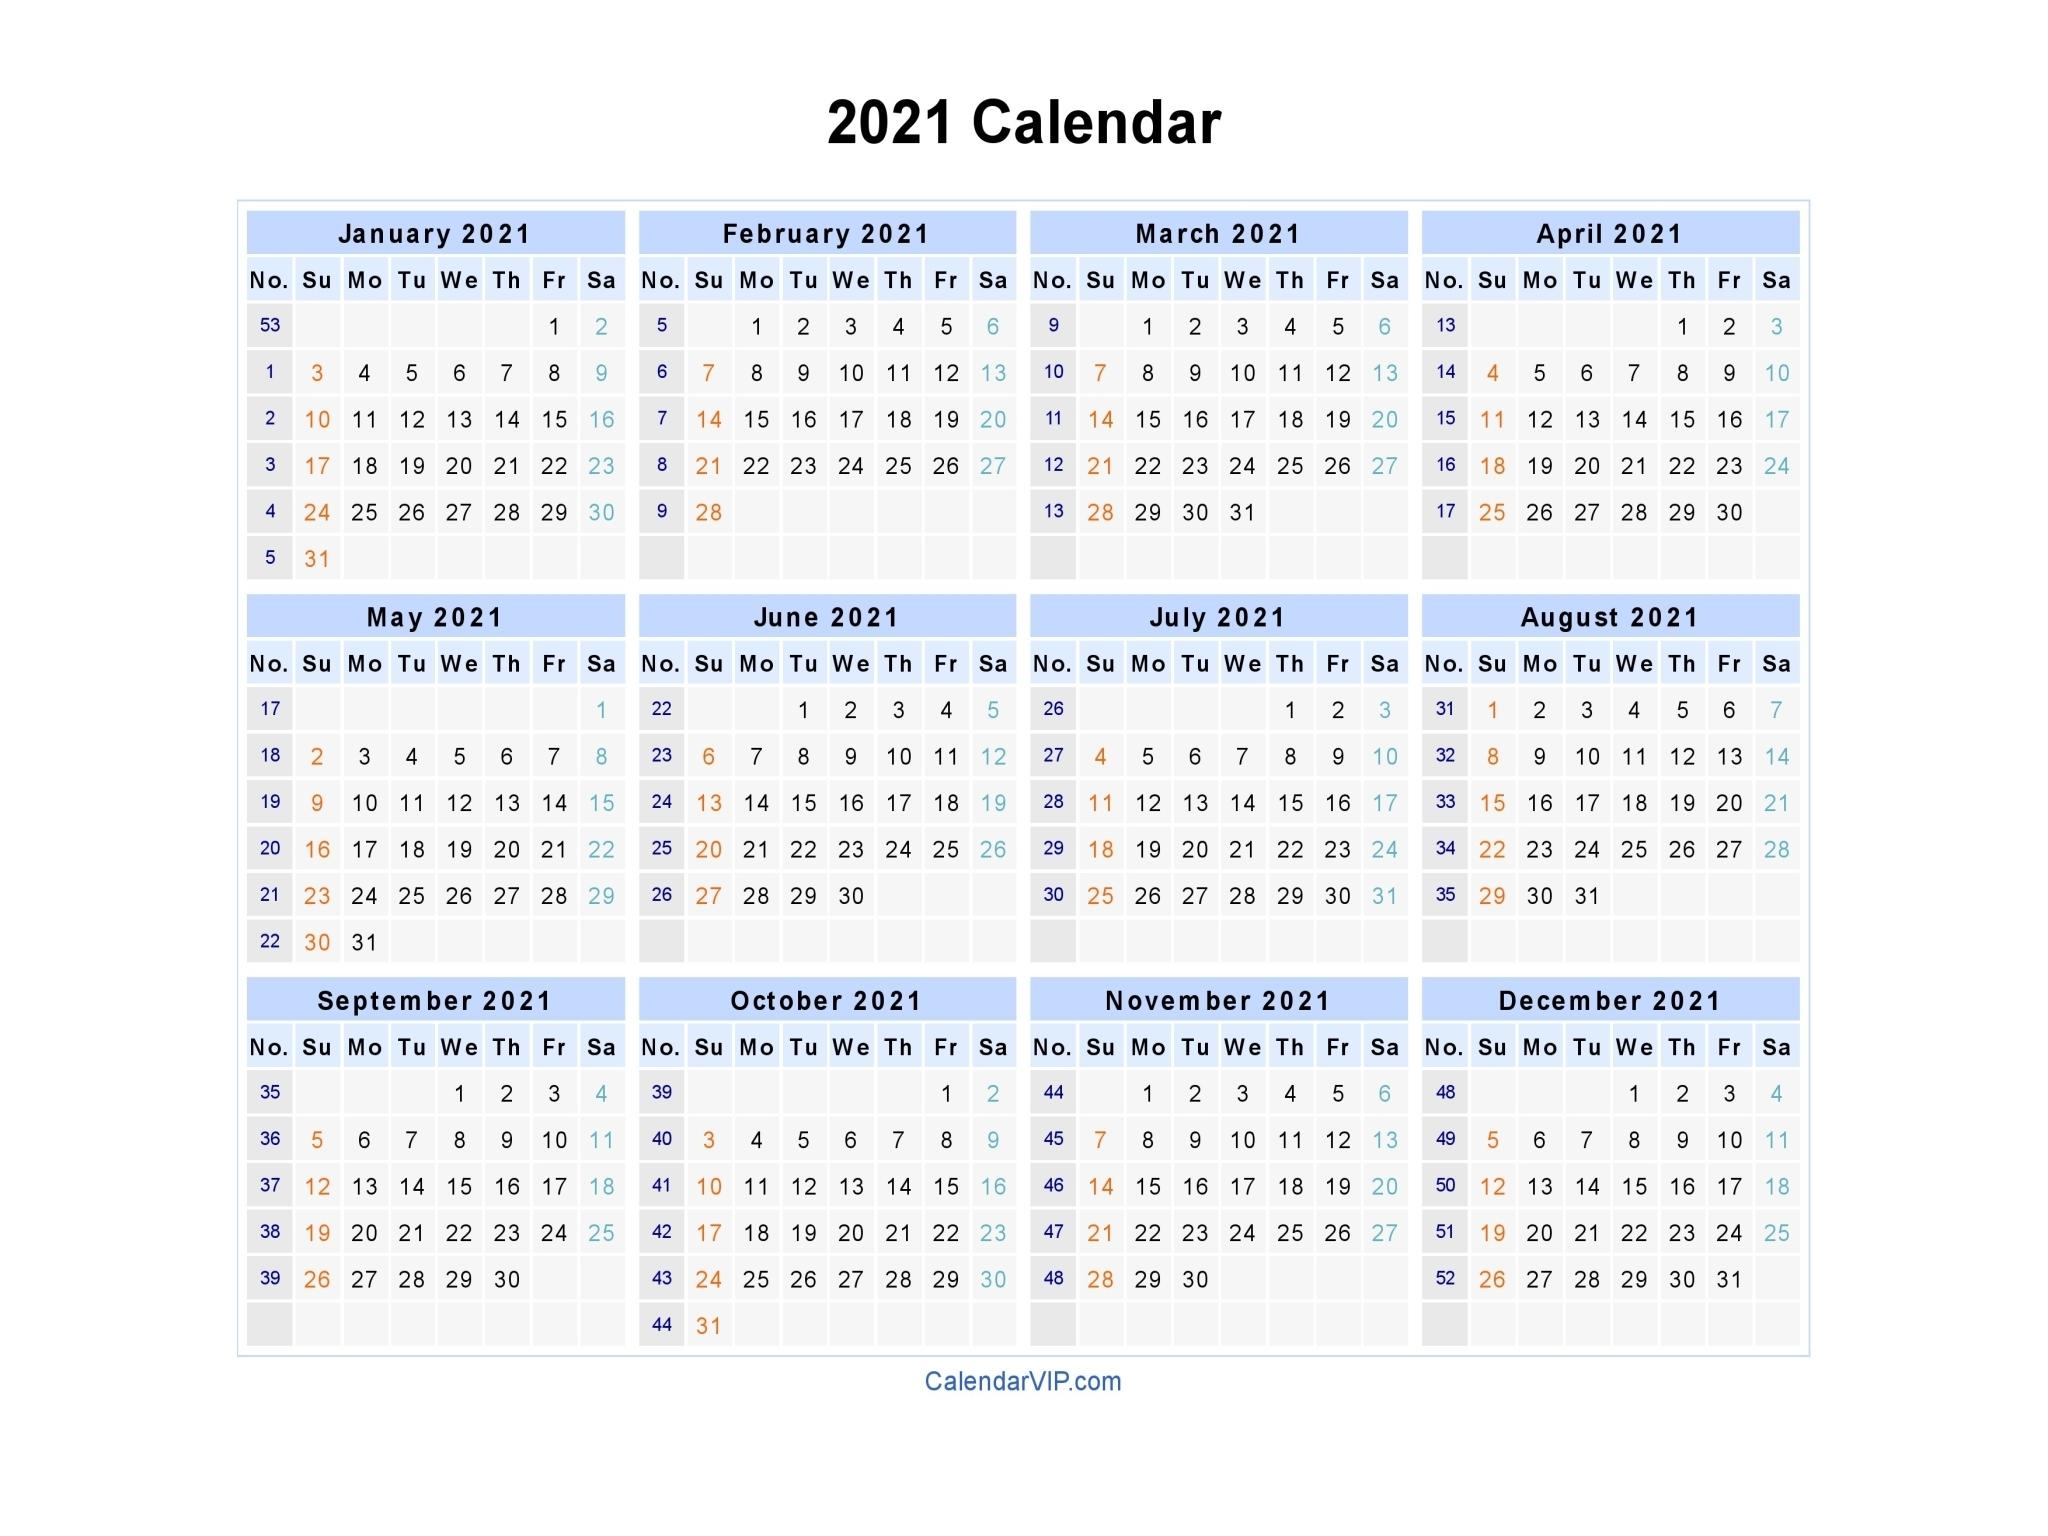 Get Excel Calendar With Week Numbers 2021